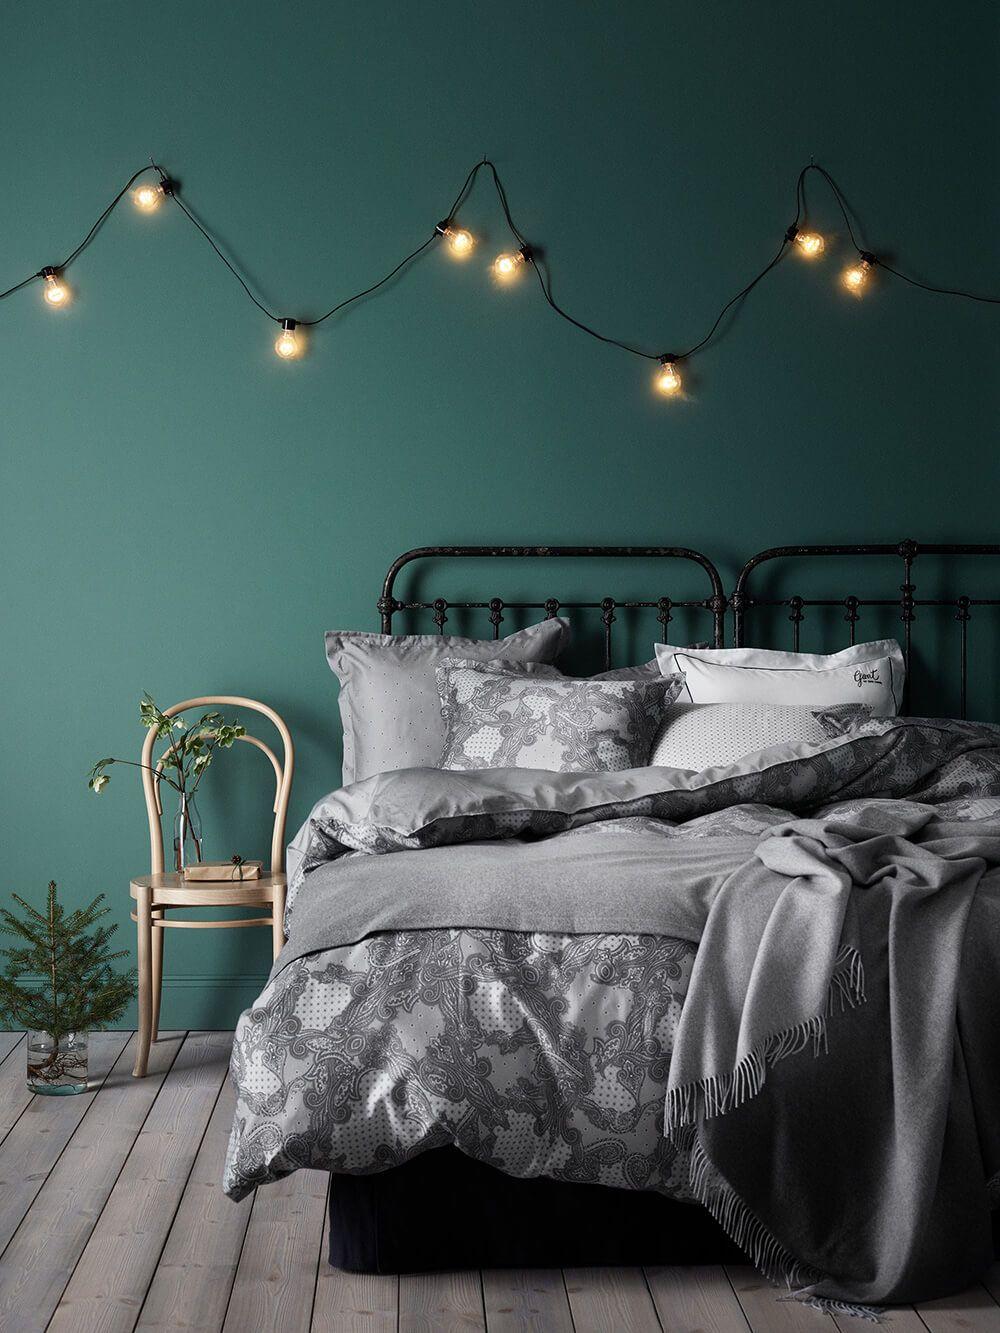 10 Chambres Vertes Qui Respirent La Serenite Decor Vert